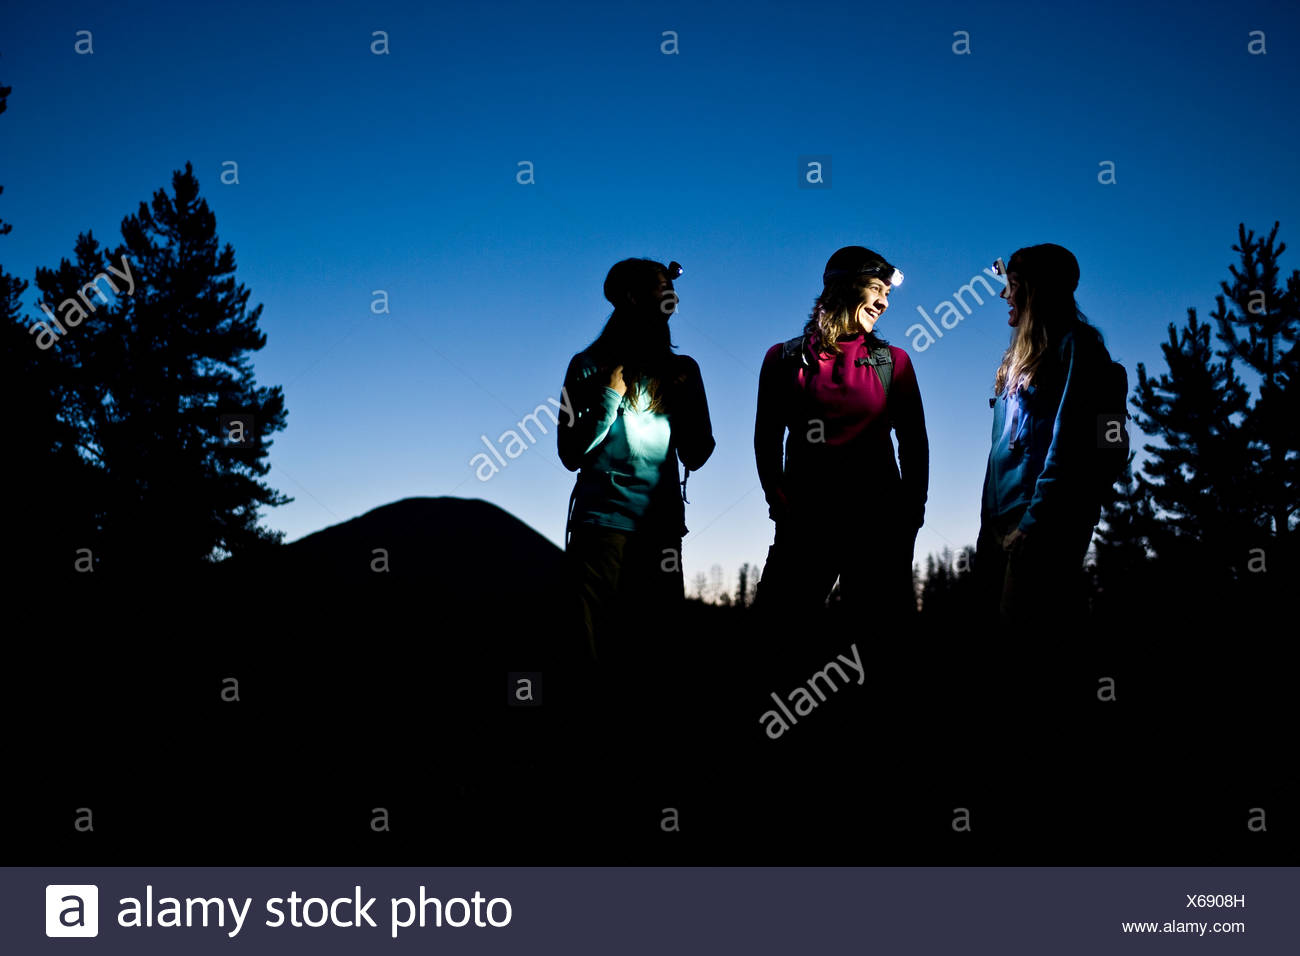 Tres mujeres hablan mientras disfruta de una caminata al atardecer iluminado por el faro. Foto de stock